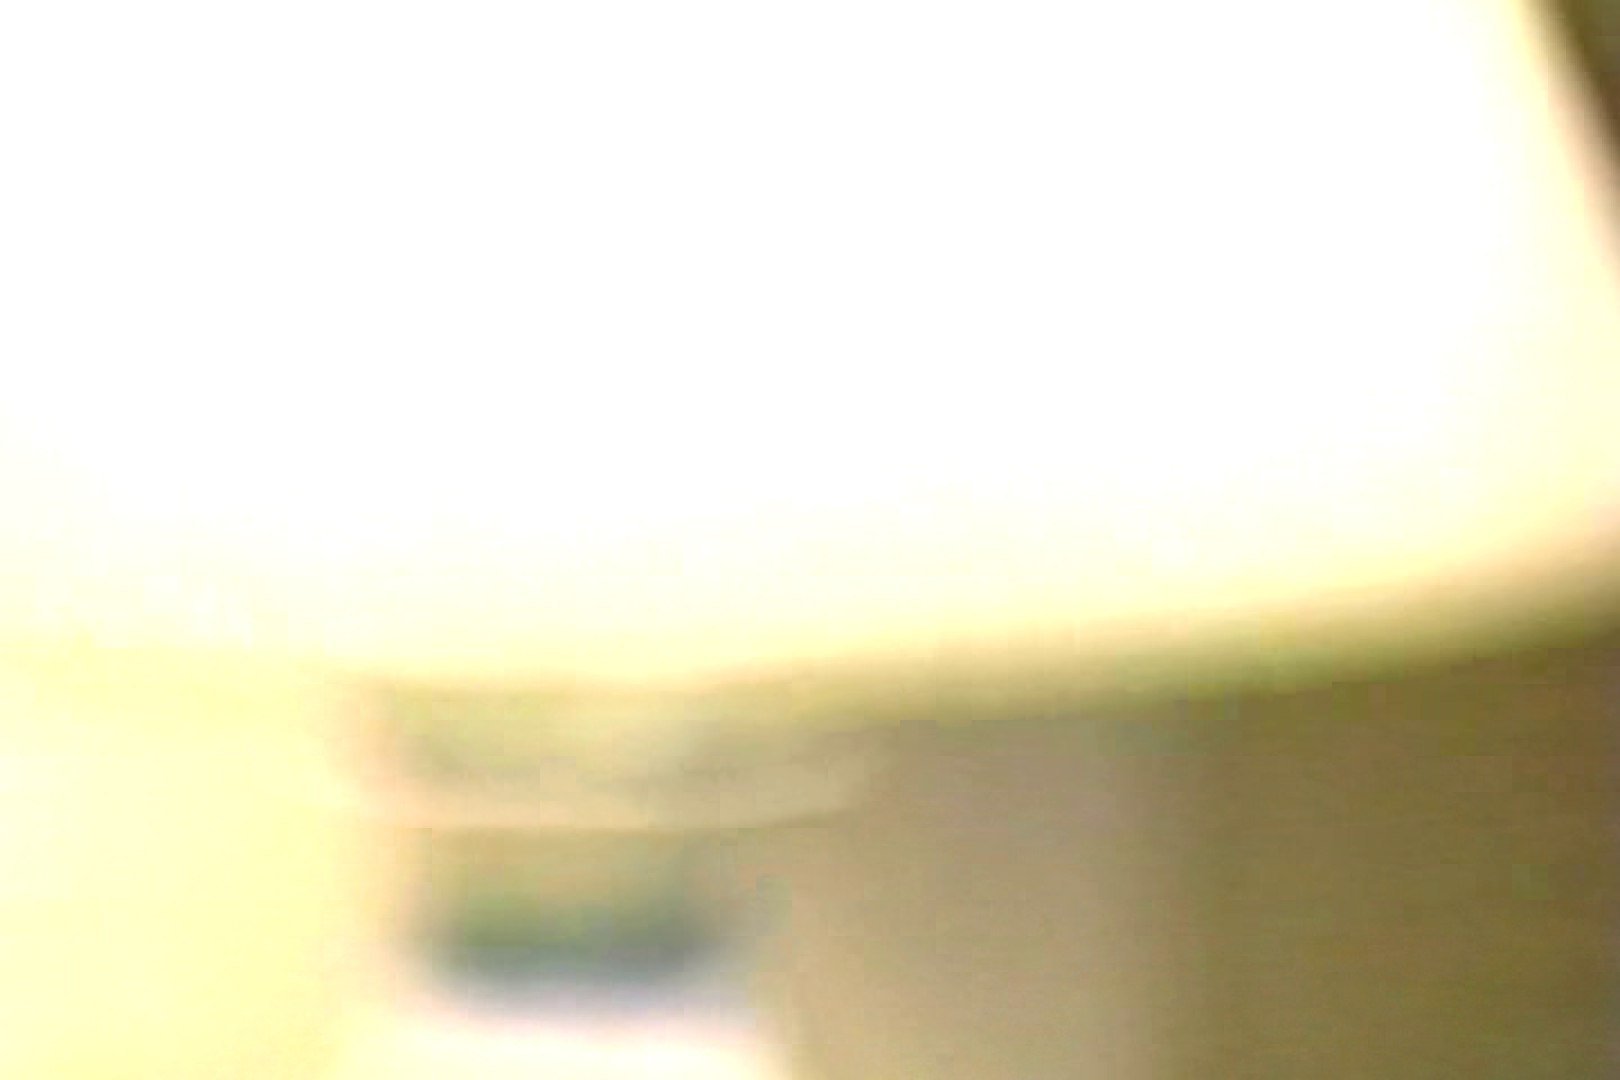 往年の名作 あの頃は若かった!Vol.01 エロ ゲイセックス画像 71枚 13